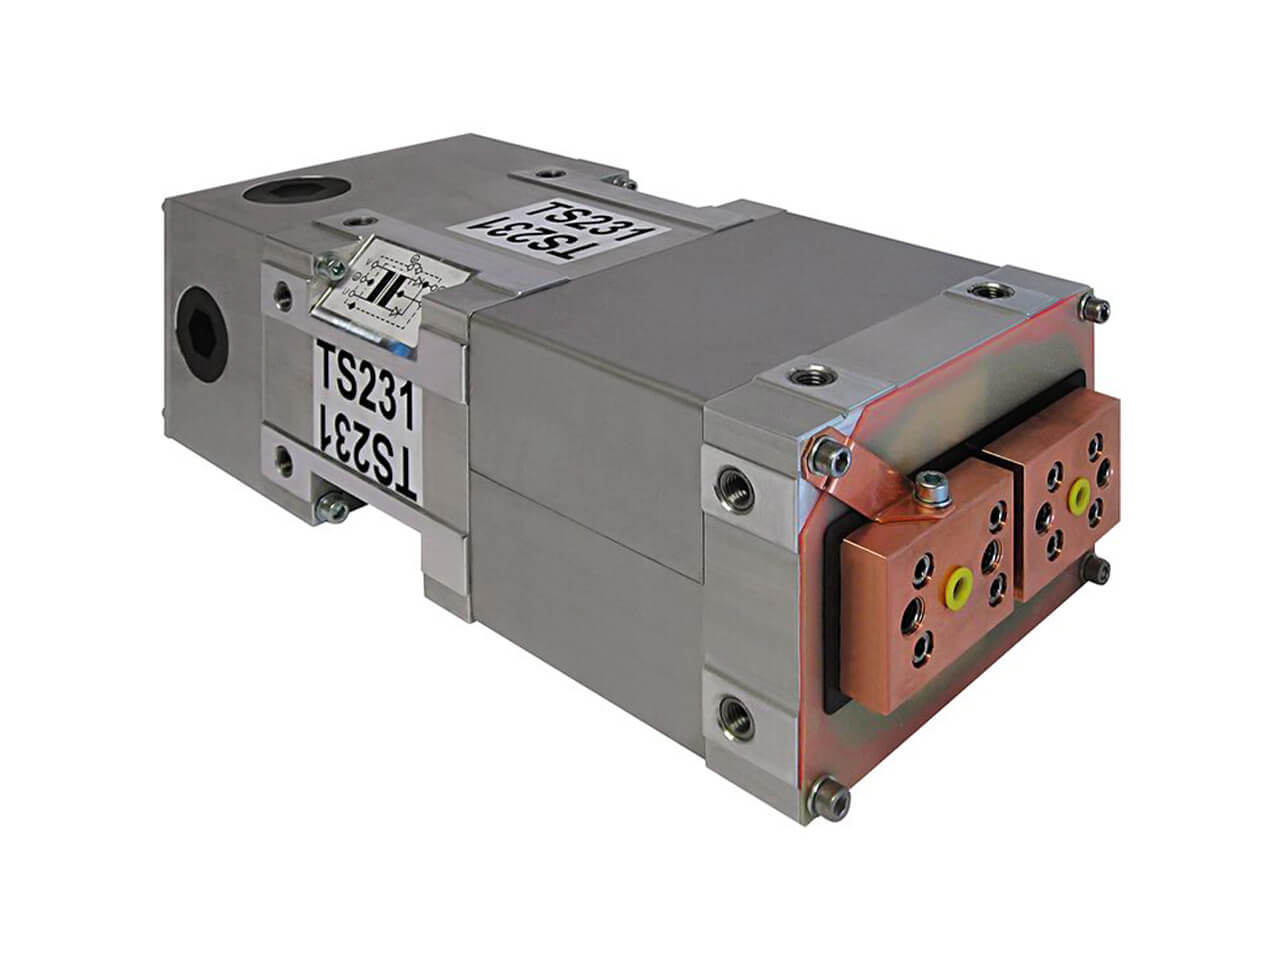 Srednje Frekvenčni Varilni Transformator – PSG 6160.00 TS231